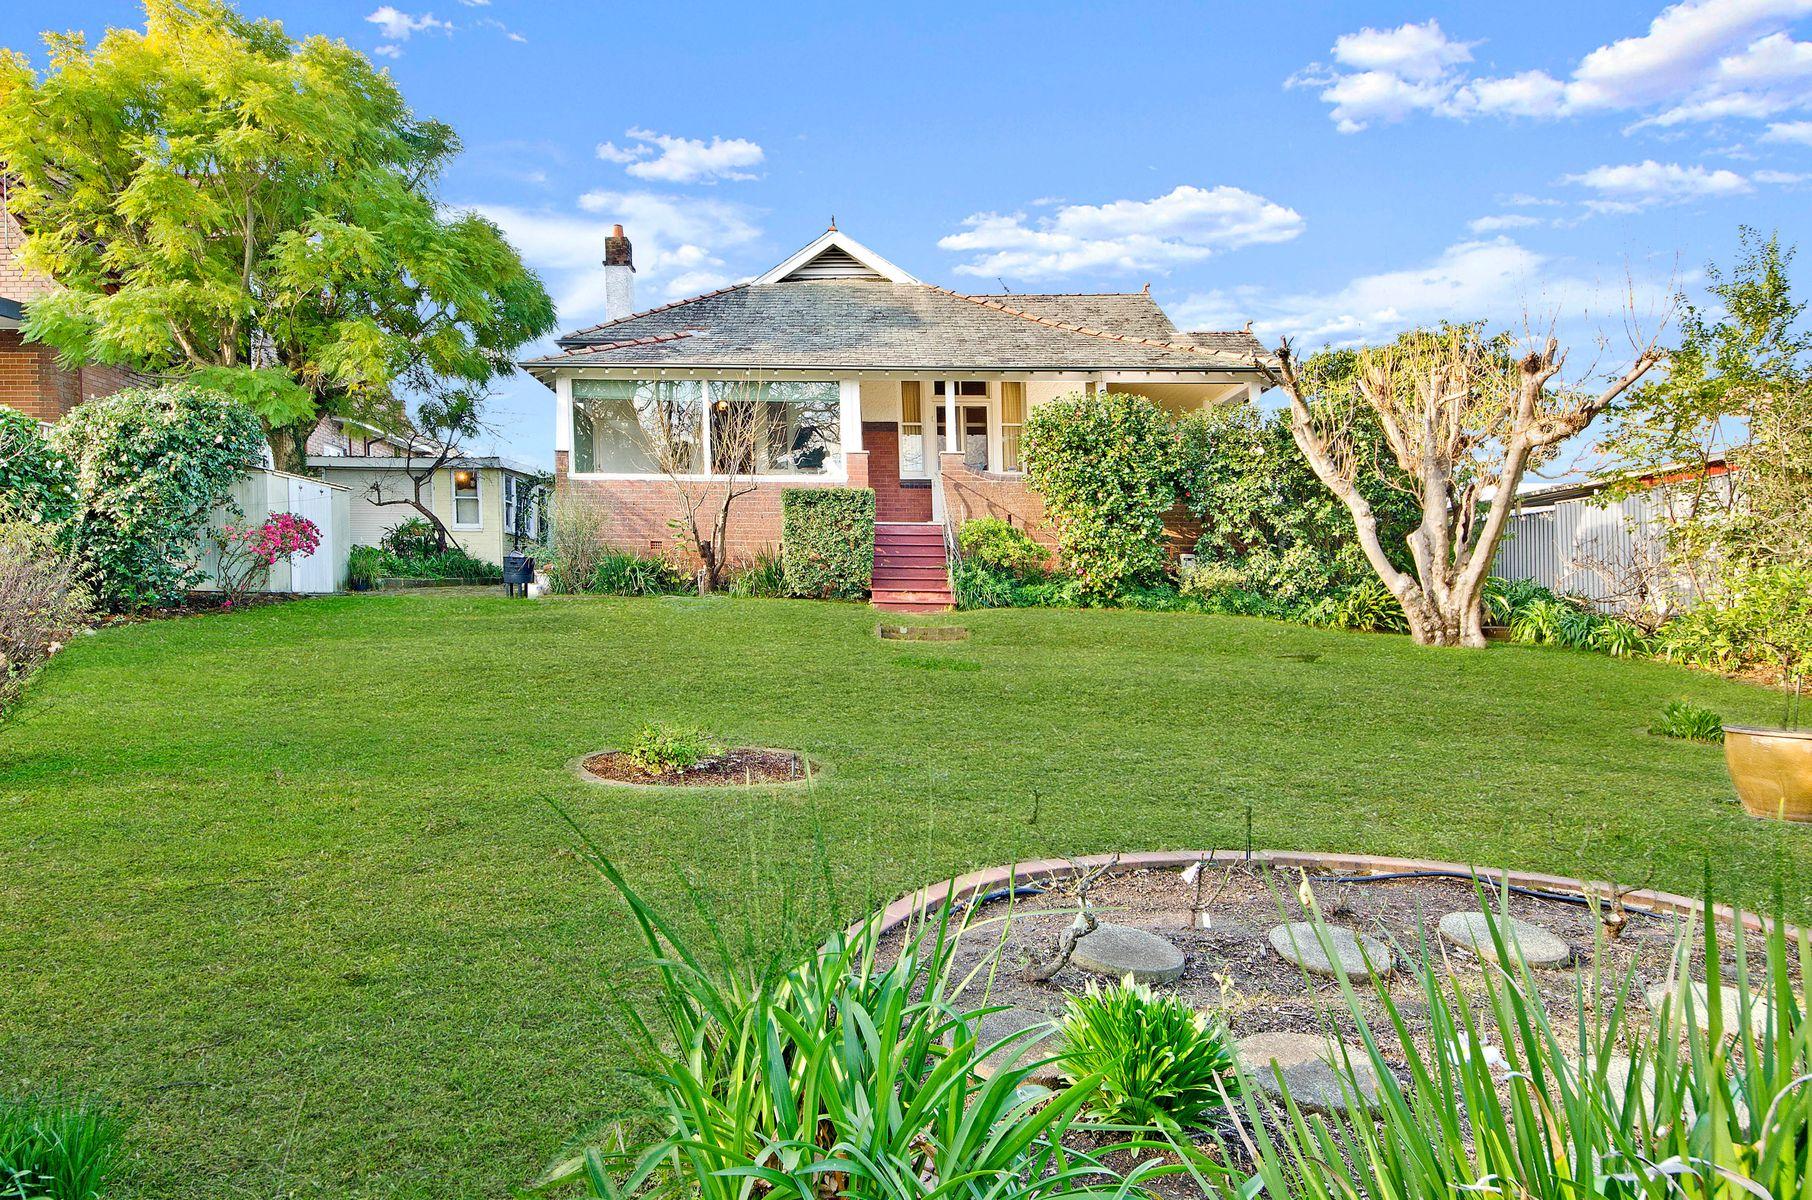 454 Blaxland Rd, Denistone, NSW 2114